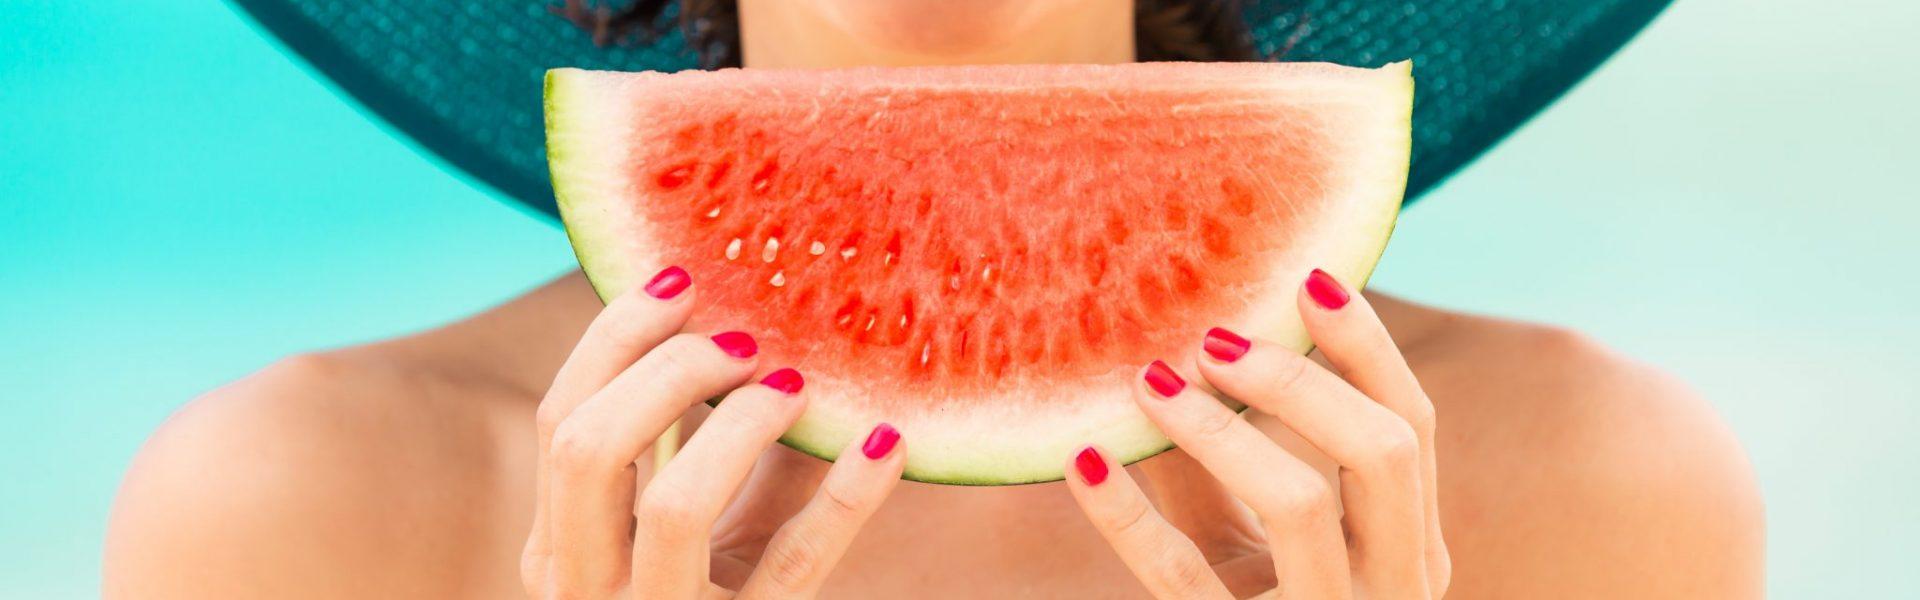 Beauty tipy na léto, které stojí pár korun a doopravdy fungují!